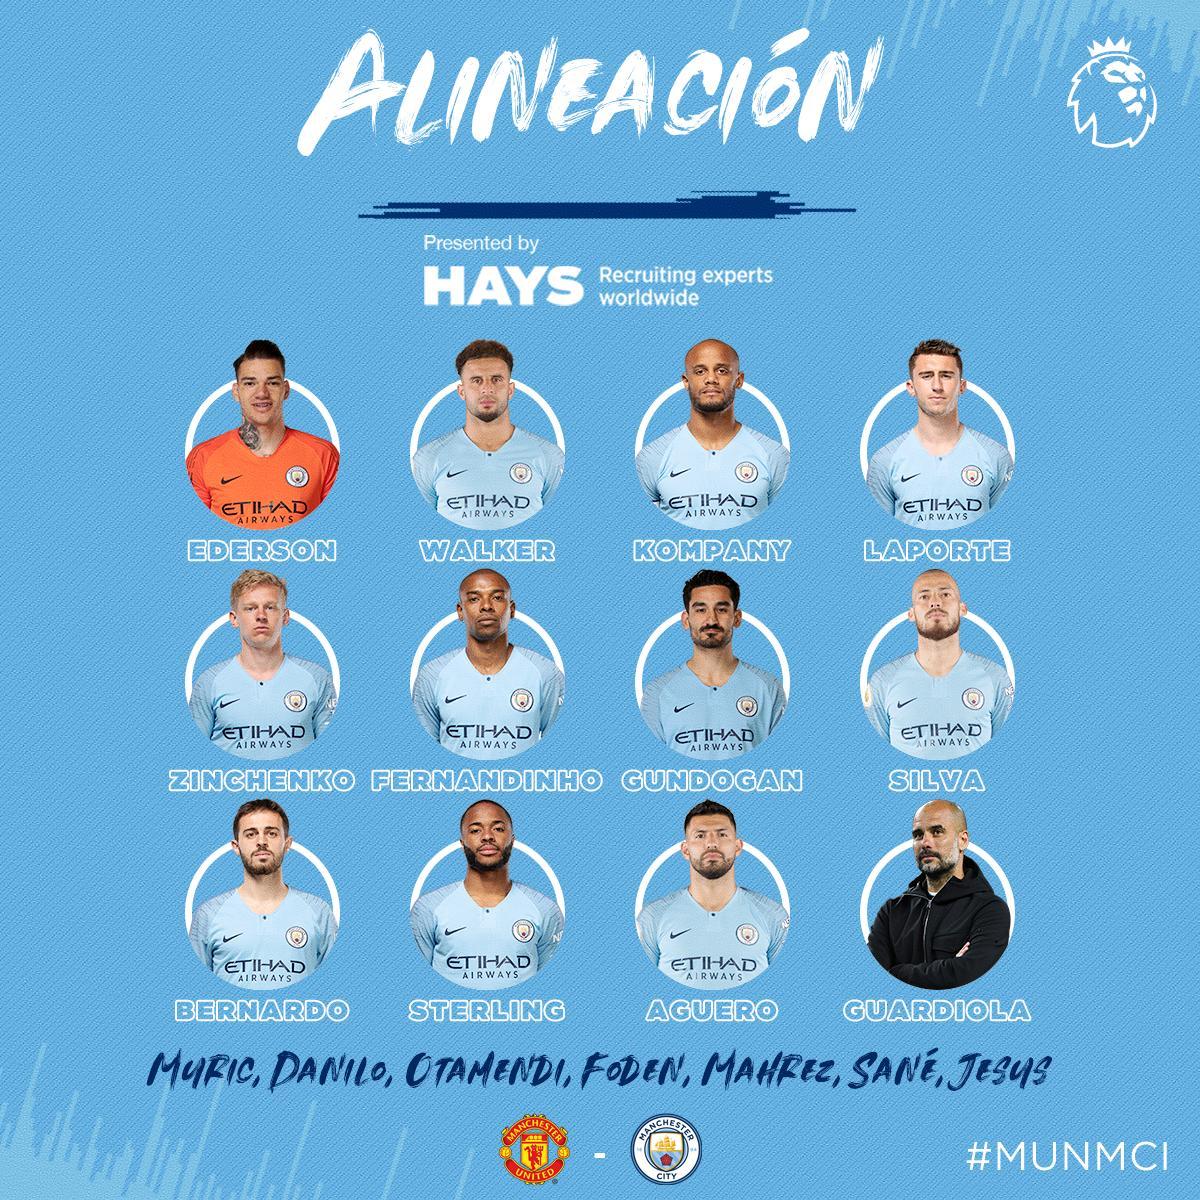 Manchester City's photo on Agüero